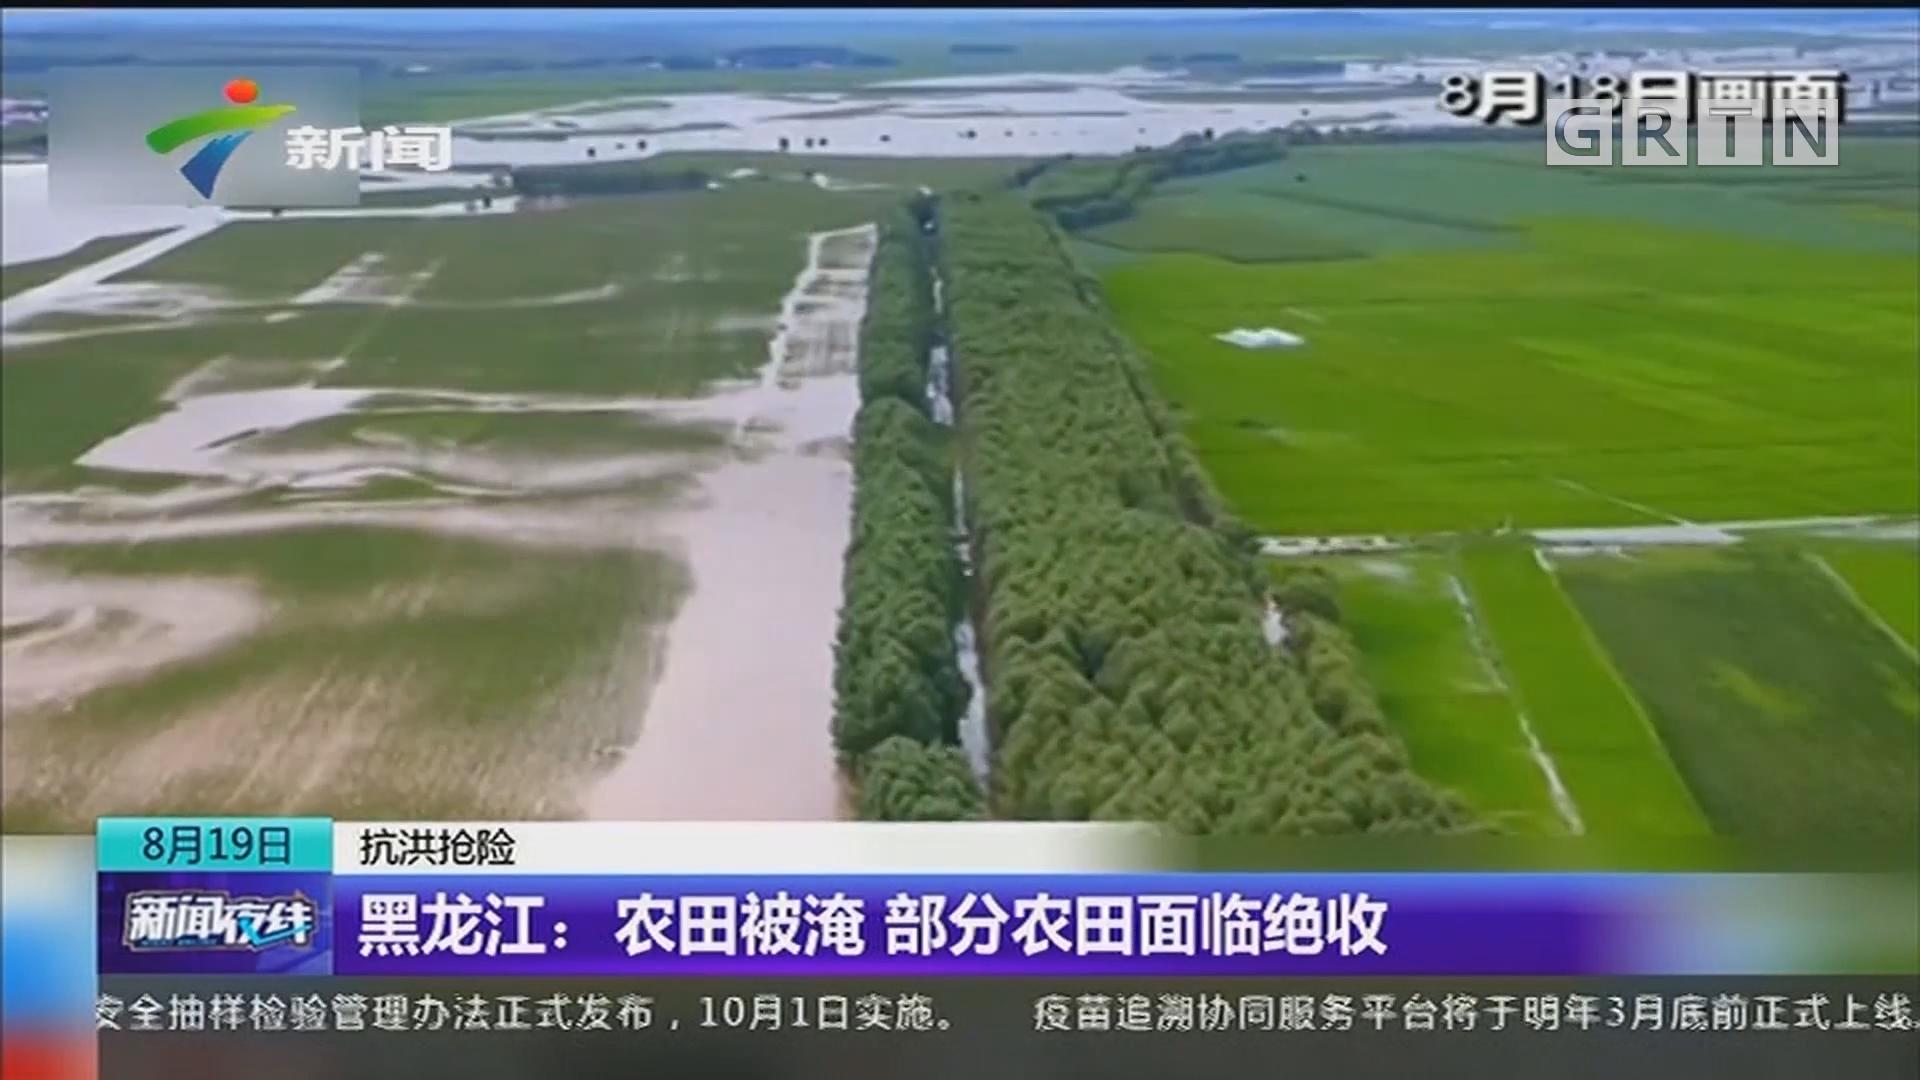 抗洪抢险 黑龙江:农田被淹 部分农田面临绝收